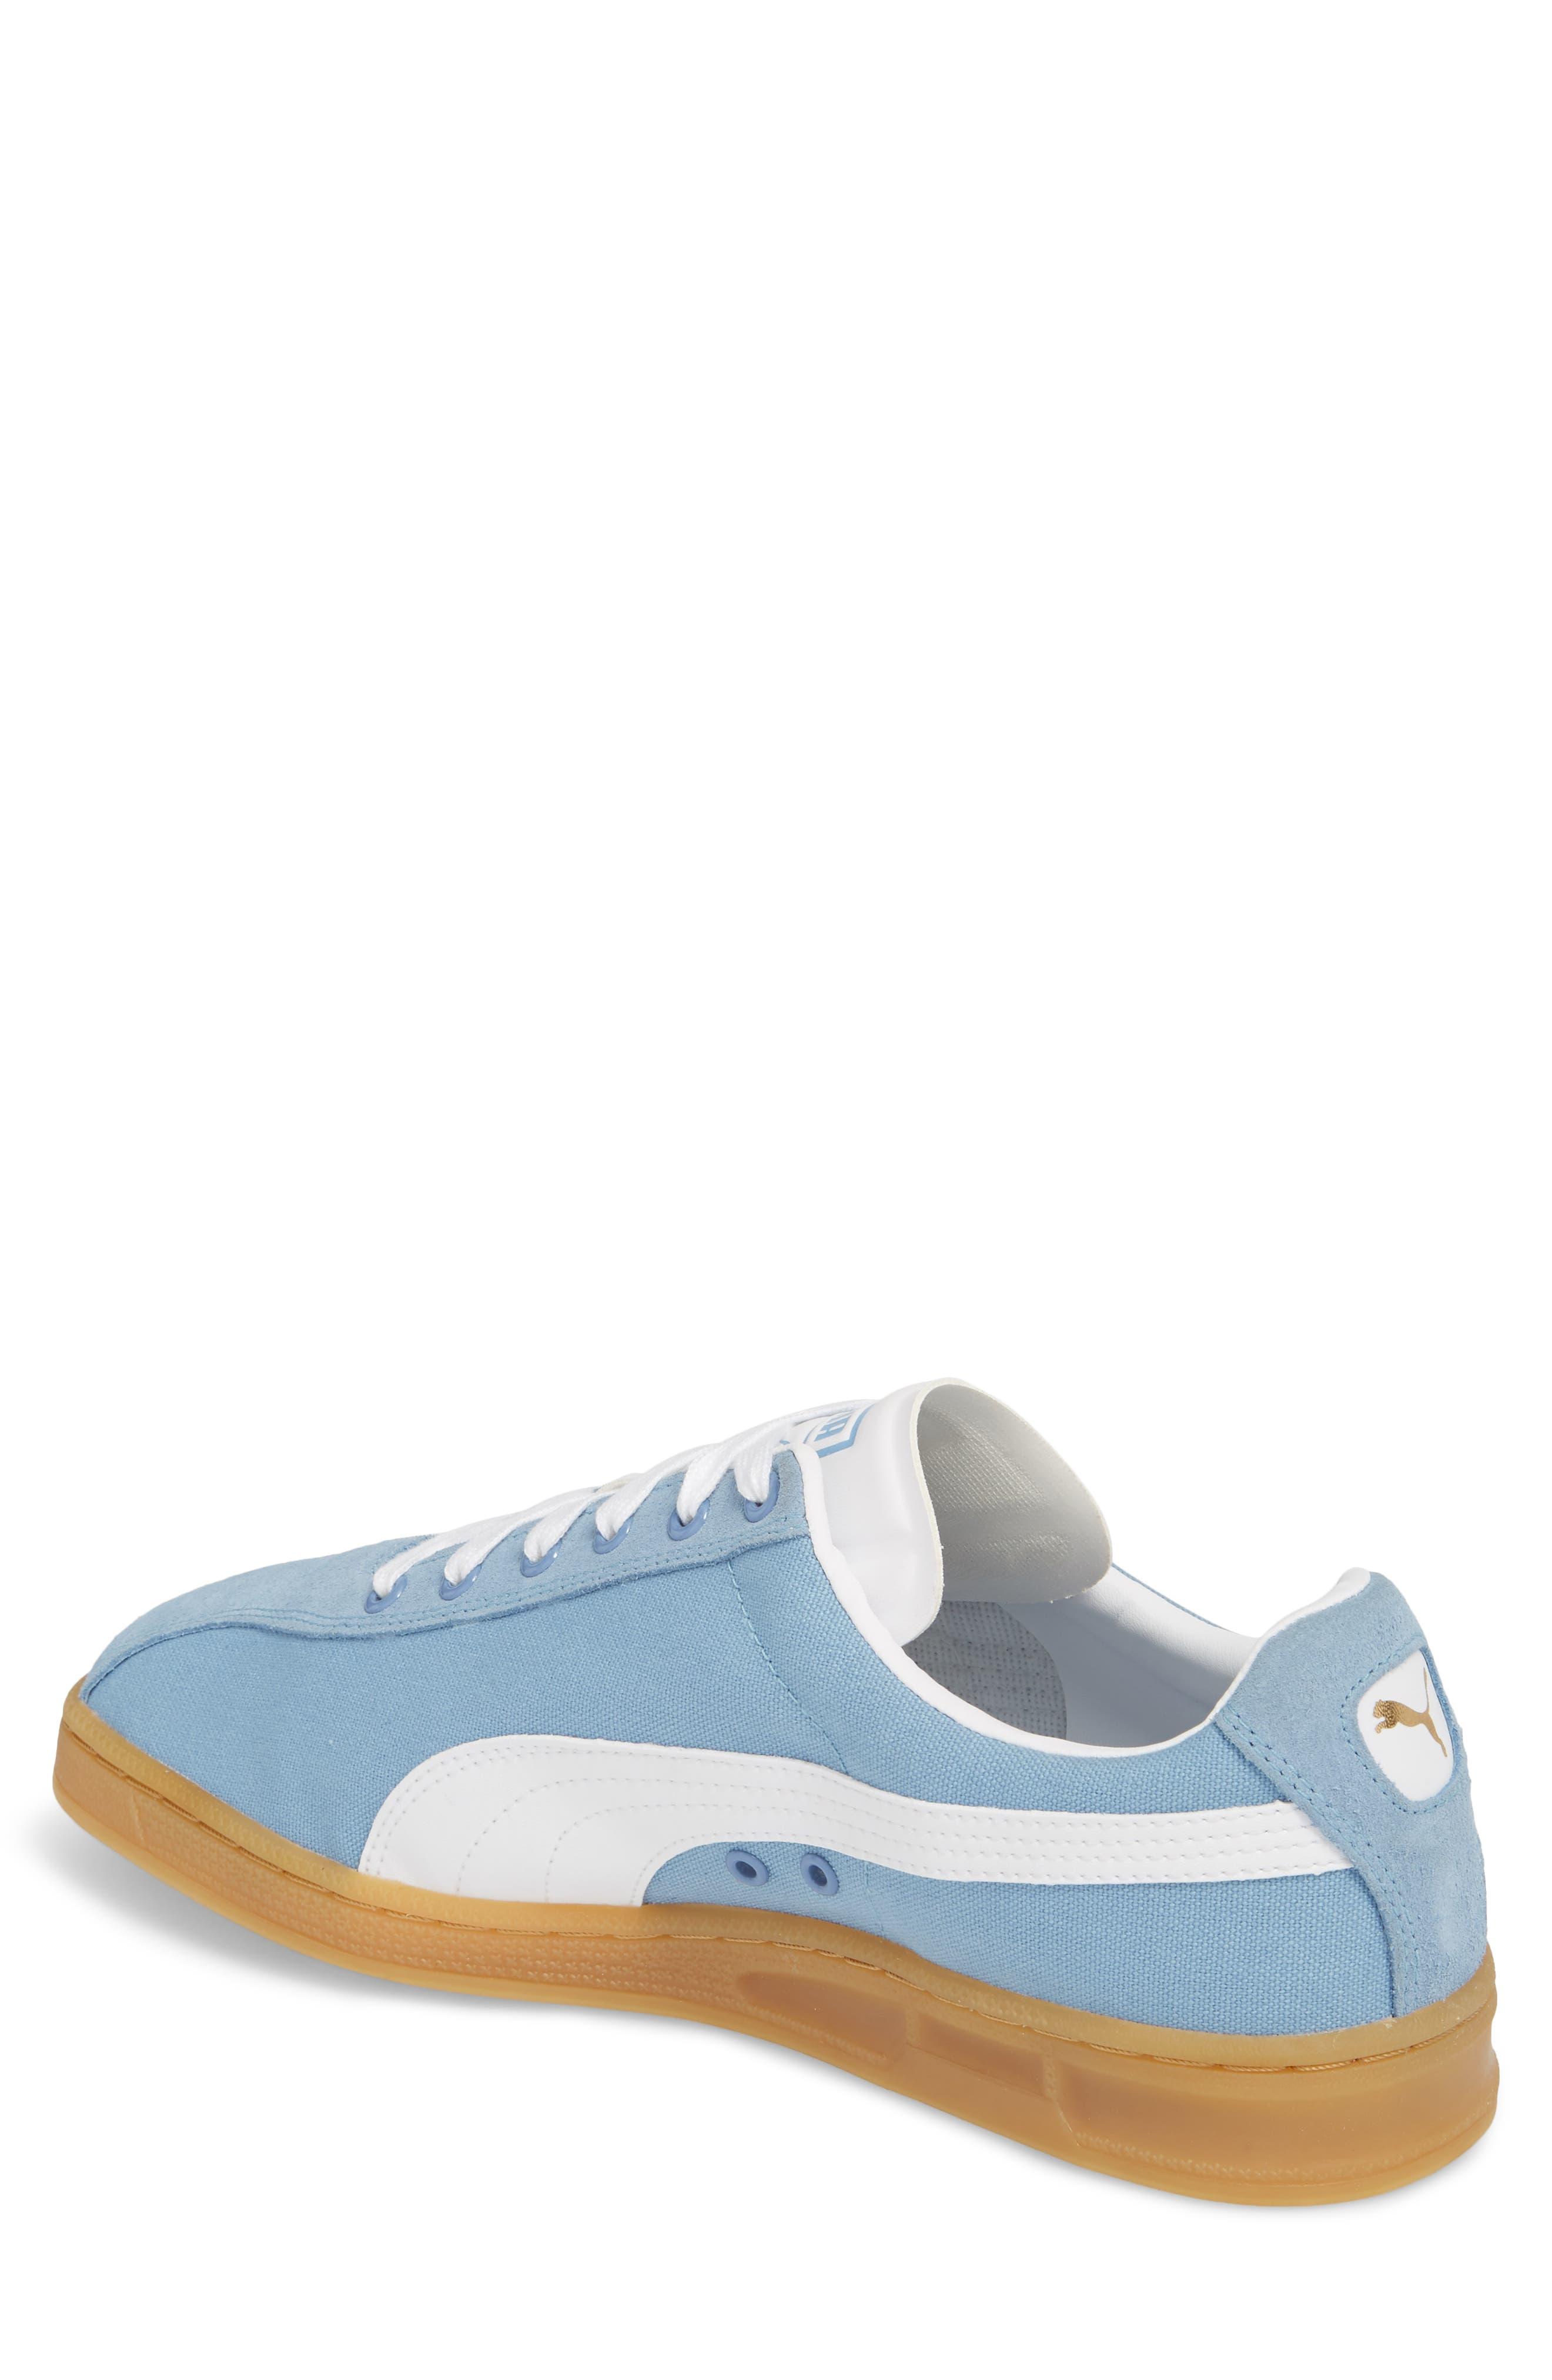 TK Indoor Summer Sneaker,                             Alternate thumbnail 2, color,                             Allure/ White